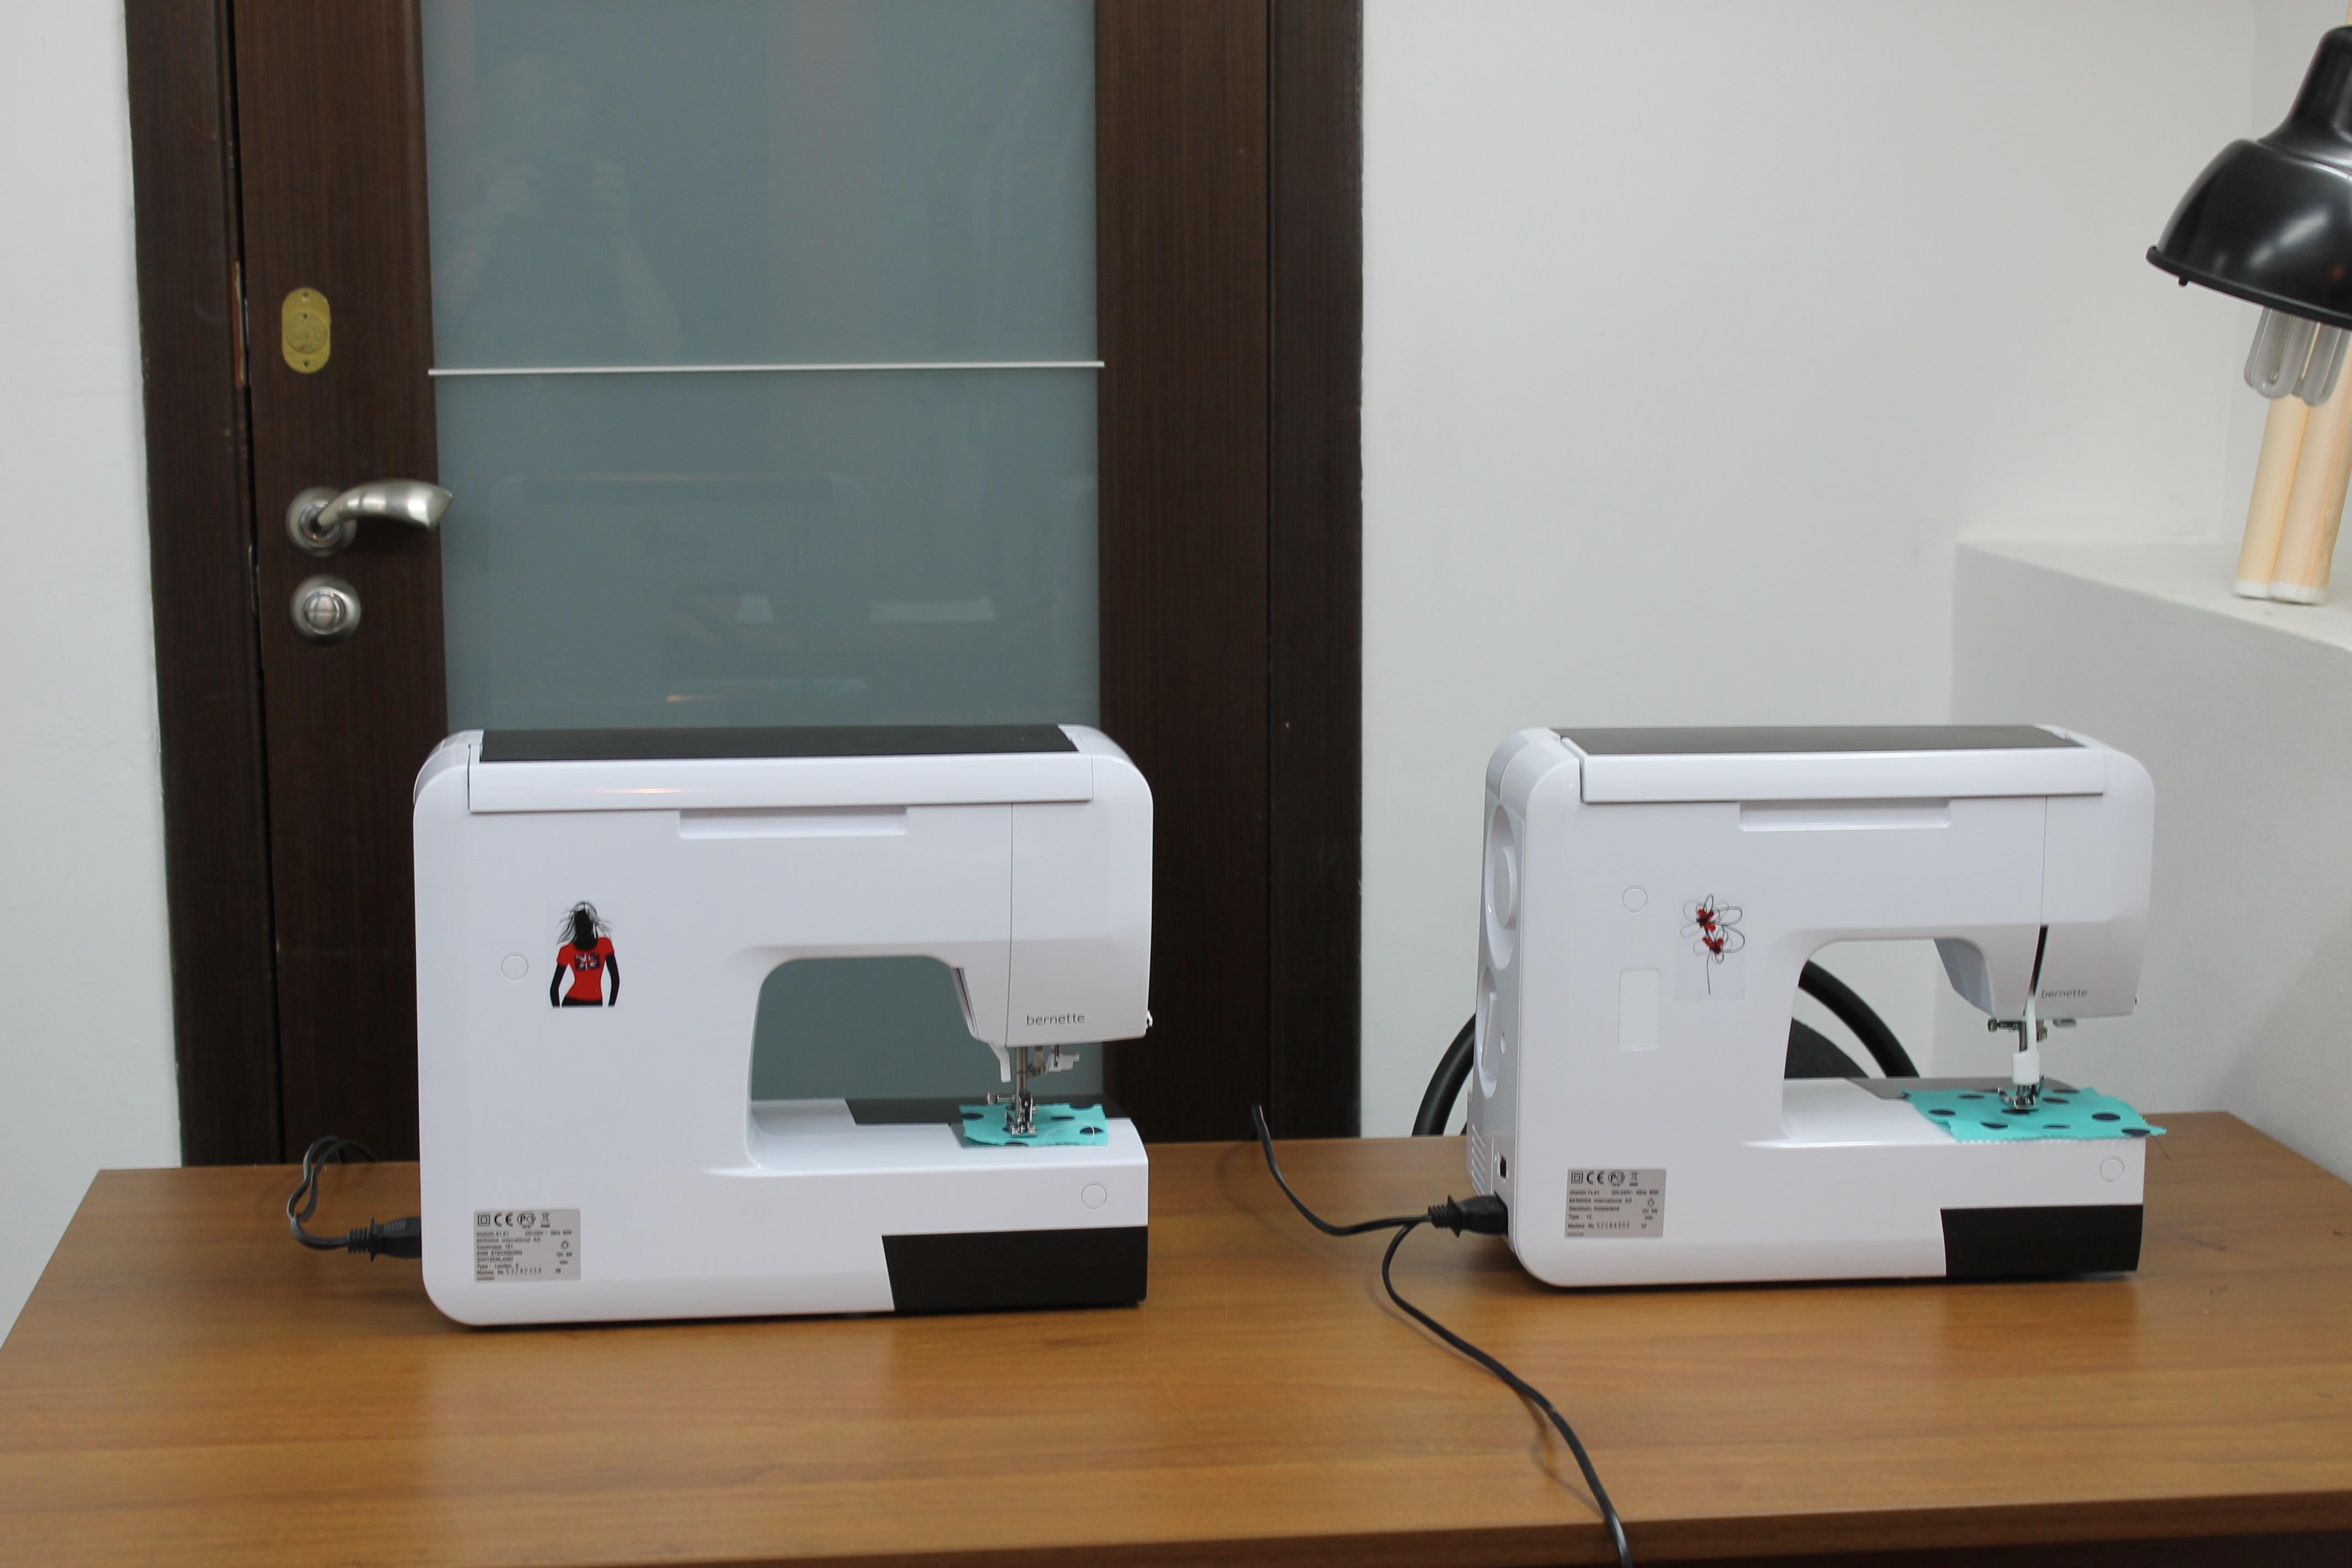 Швейные машинки Школа дизайнерского мастерства Елизаветы Добрицкой